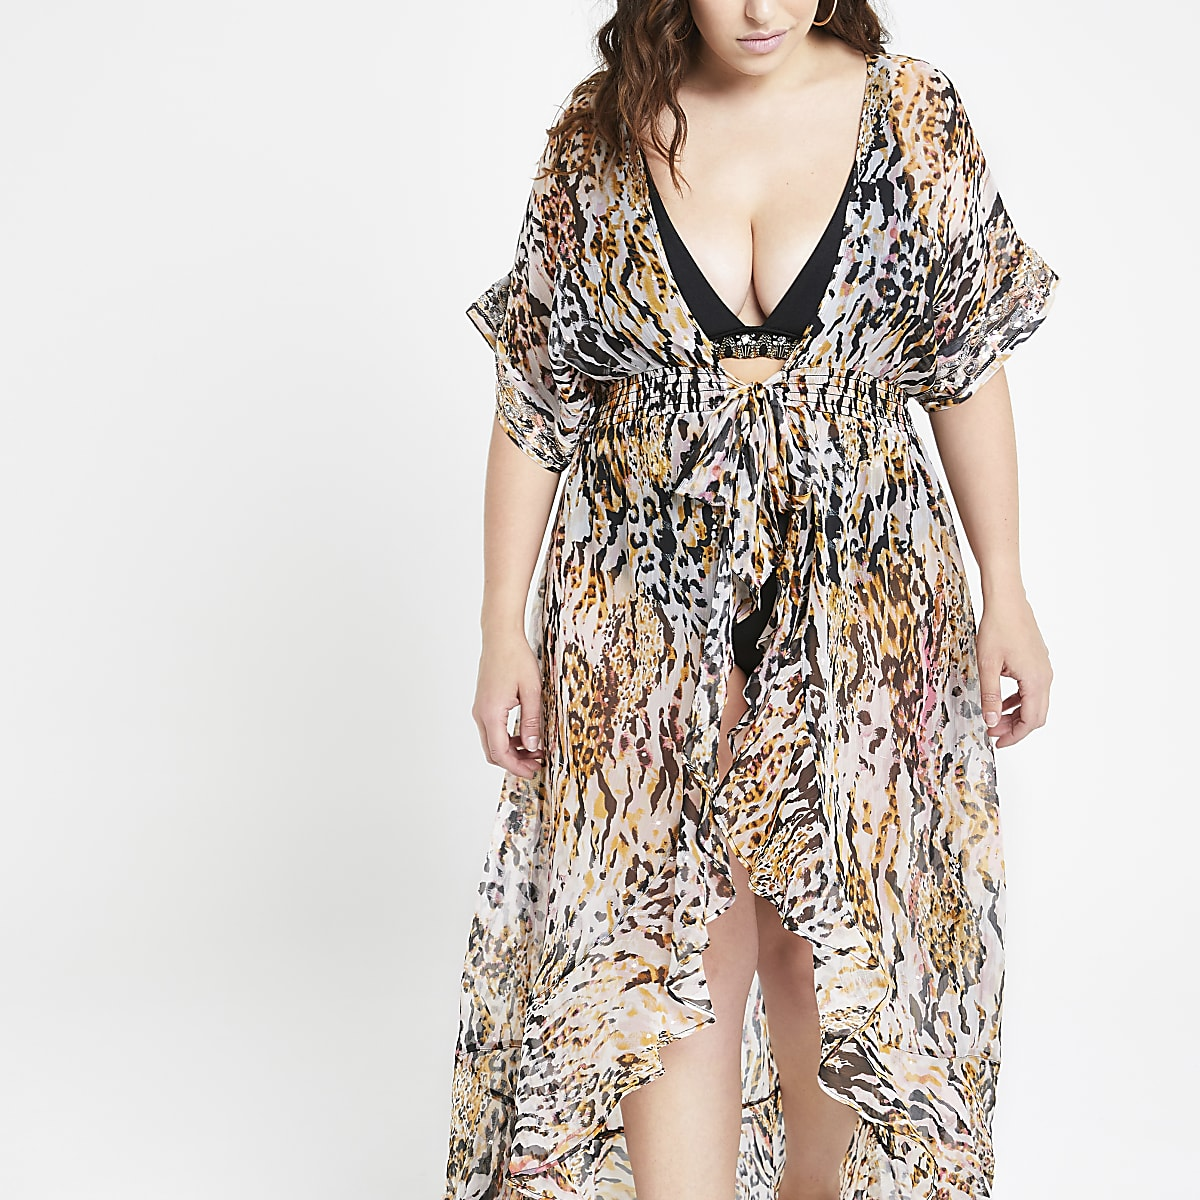 3d36ca47486e7 Plus brown animal print beach dress - Kaftans & Beach Cover-Ups ...